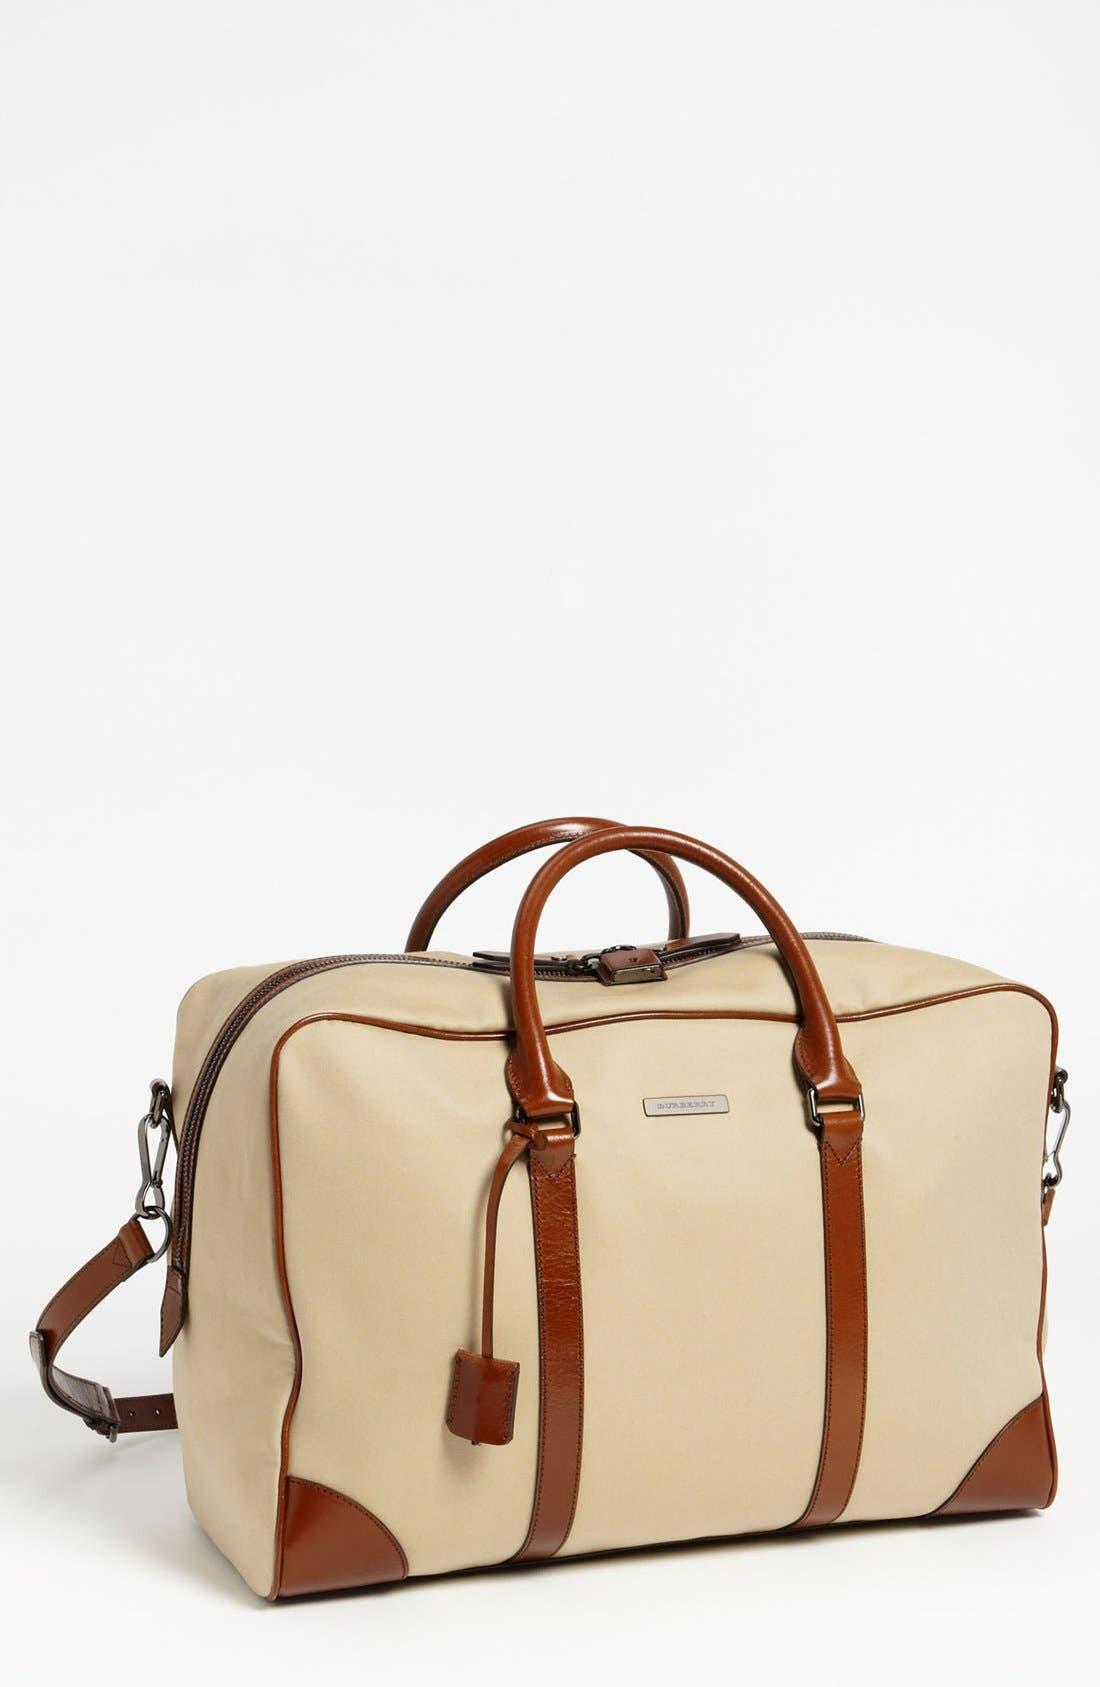 Alternate Image 1 Selected - Burberry 'Barwood' Duffel Bag